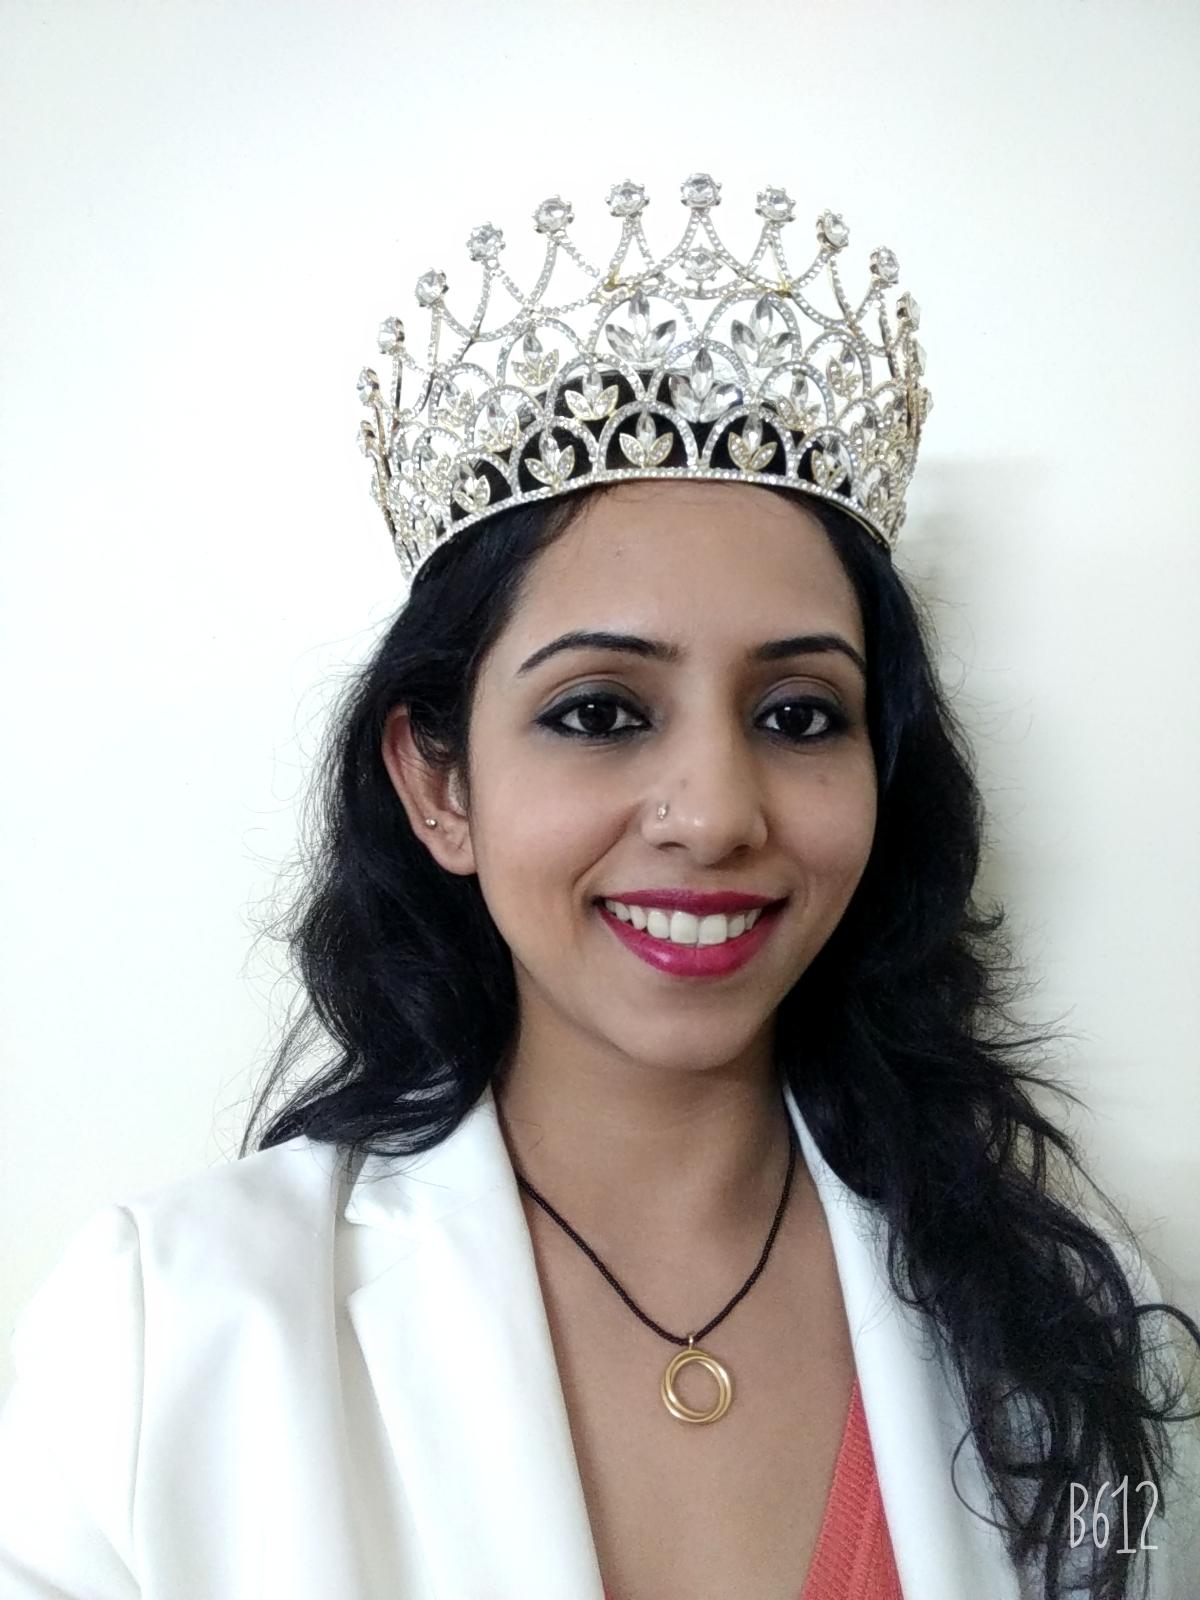 आईटीप्रोफेशनल    व्यावसायिक डालिया दत्ता ठरल्या  'मिसेस इंडिया